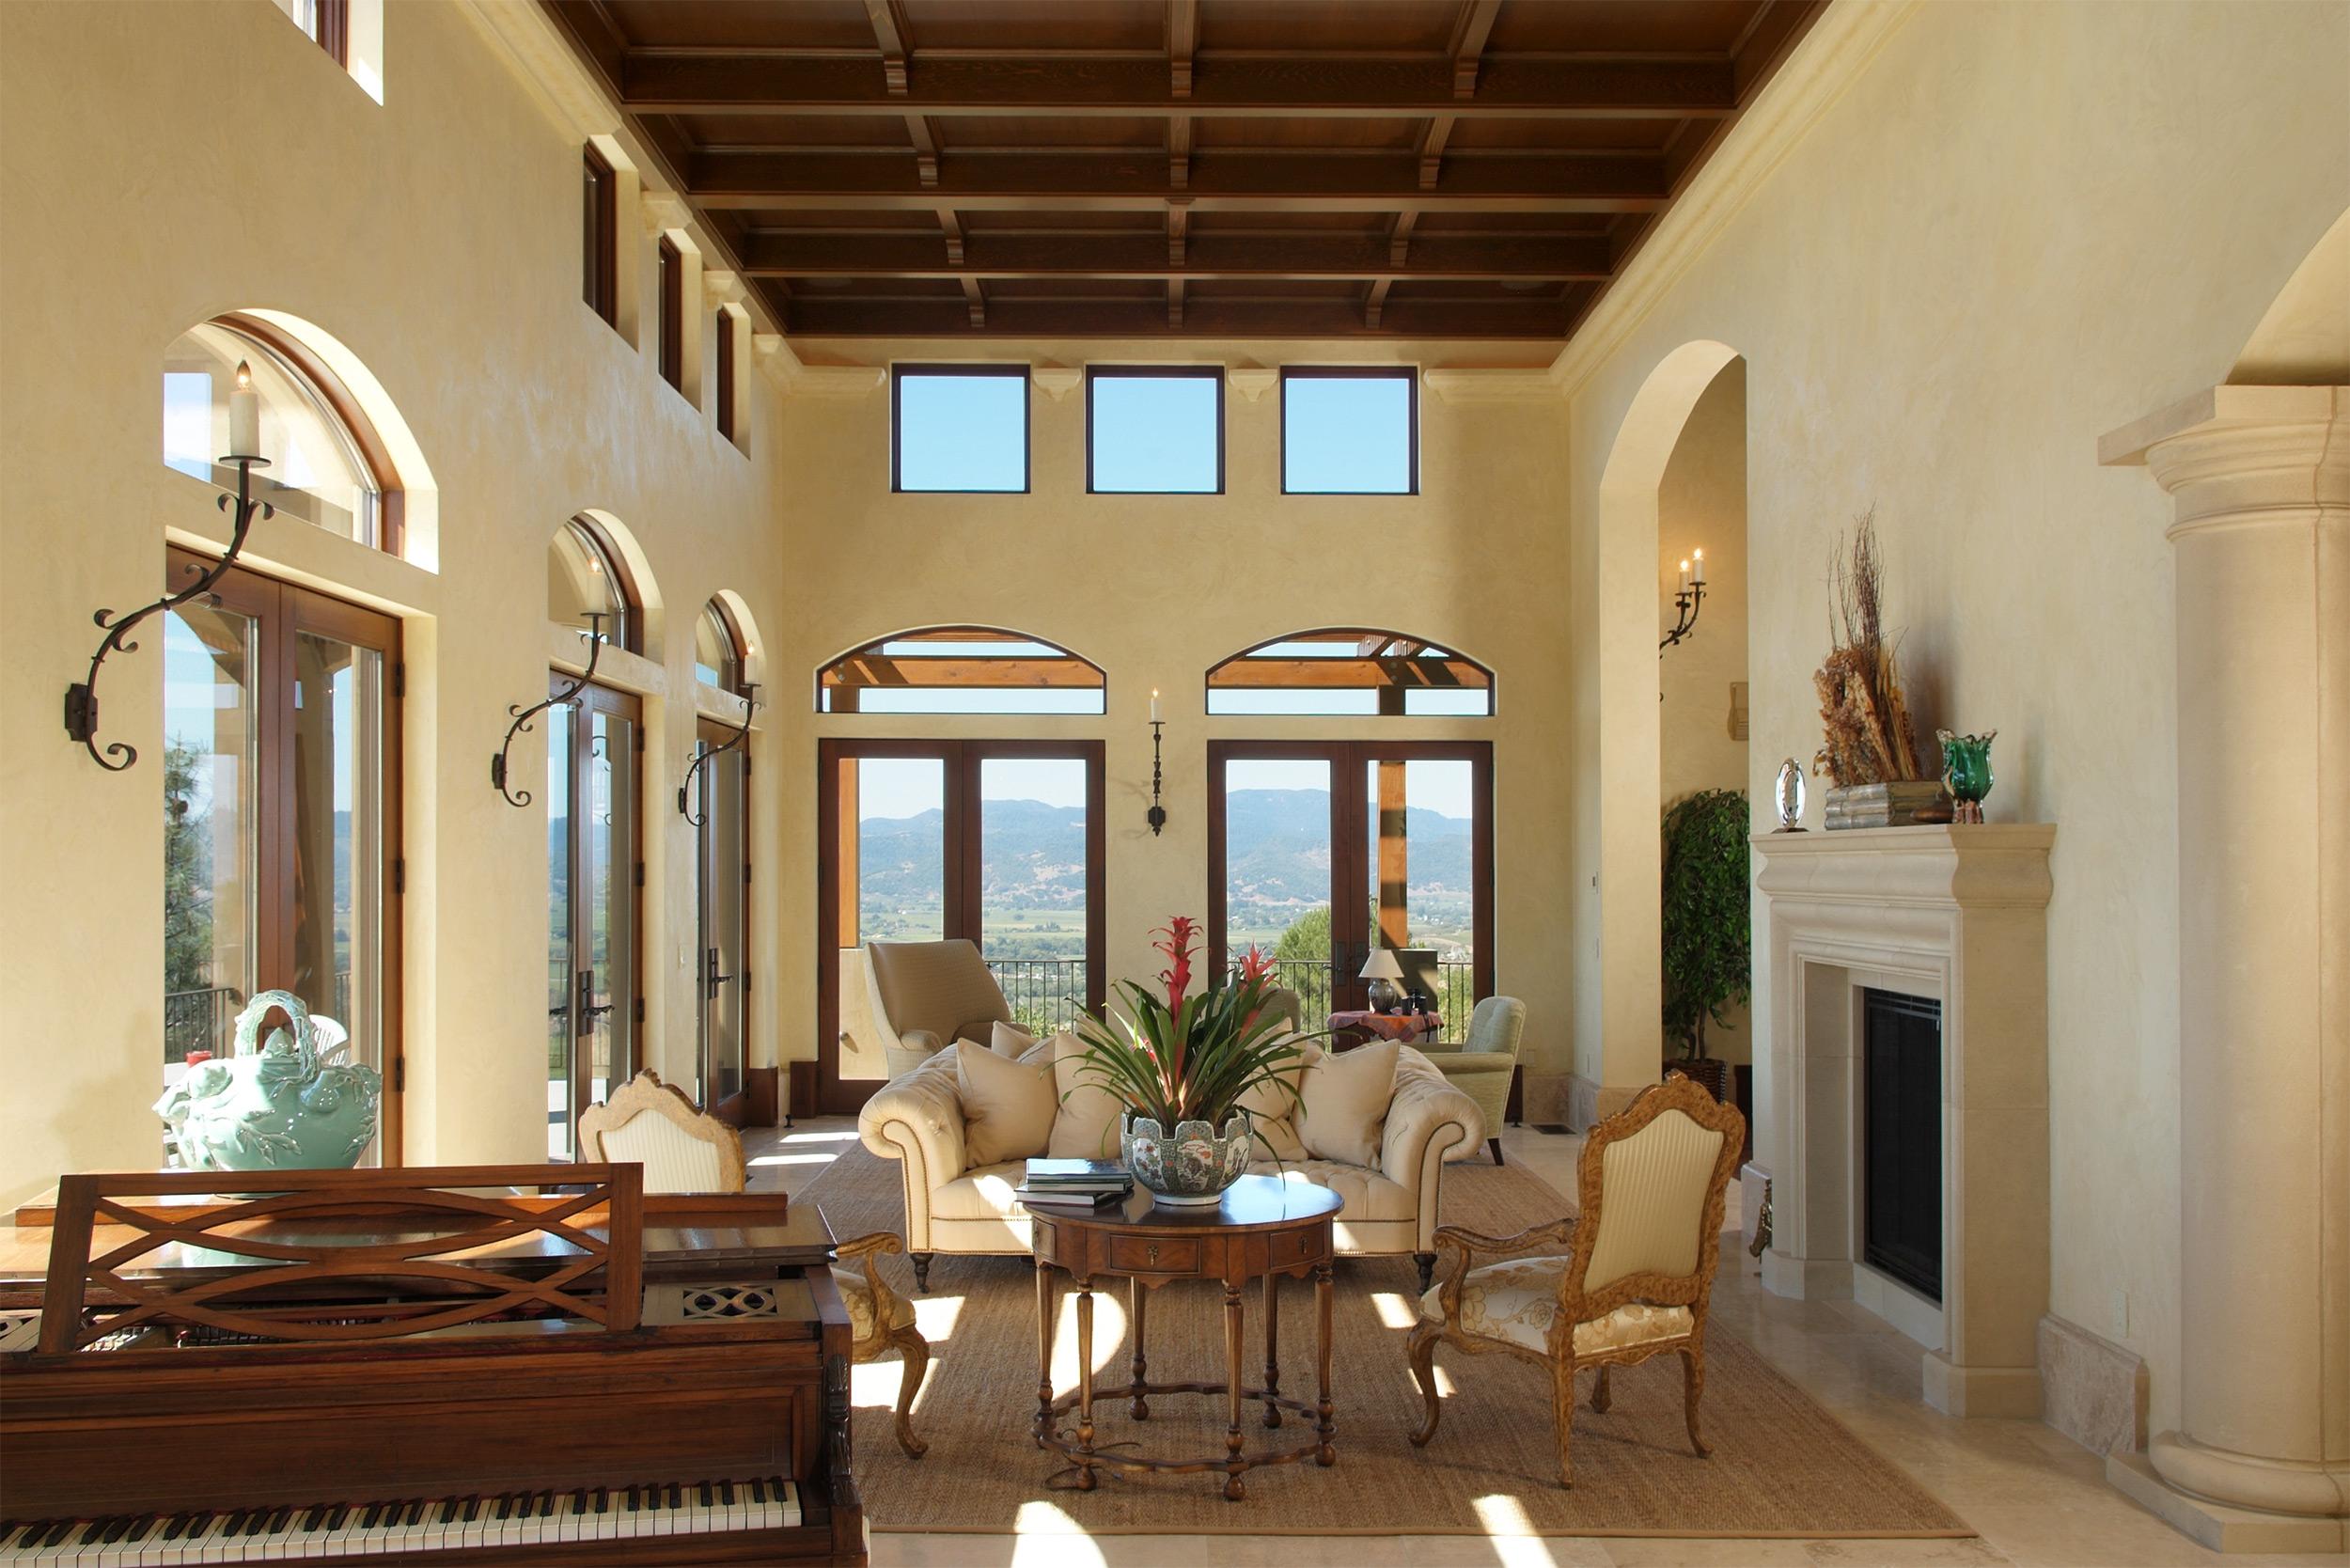 Napa_Valley_Italian_Villa_living_room_01.jpg